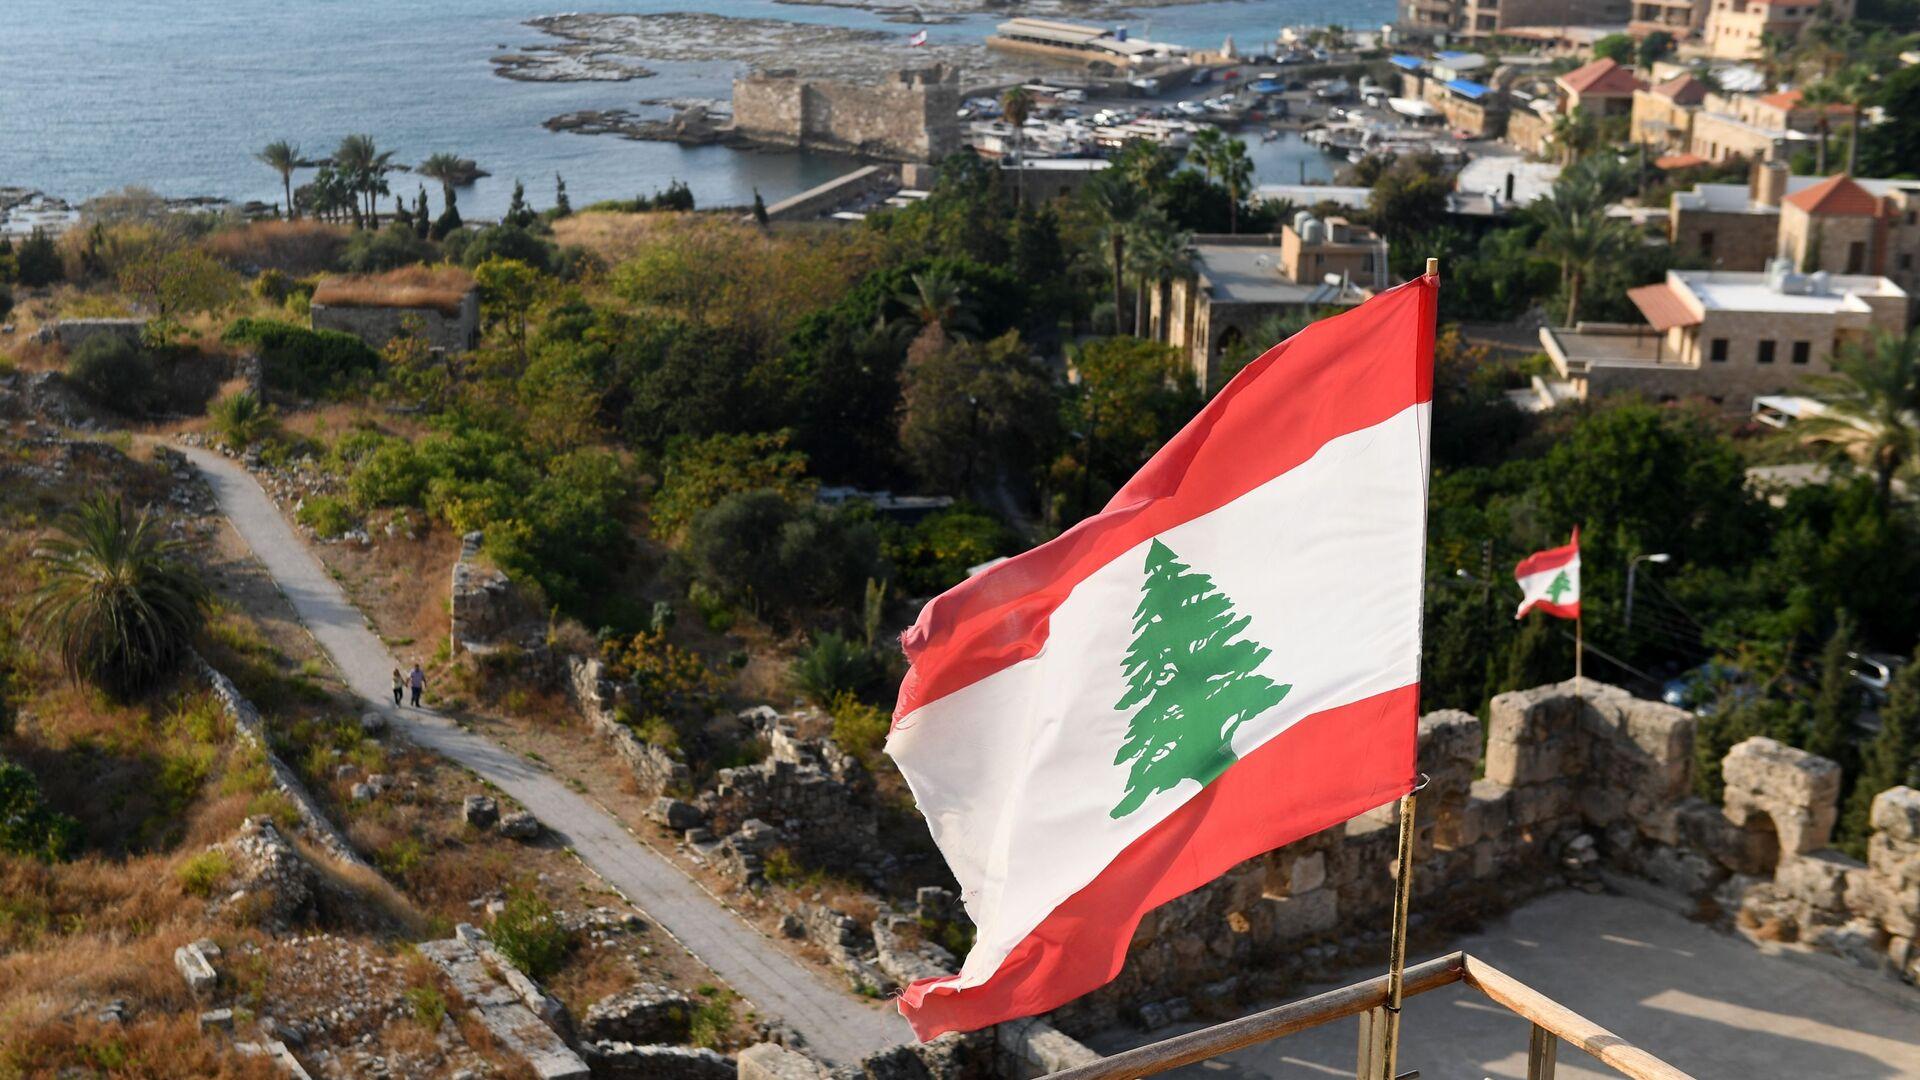 Lebanese flag - Sputnik International, 1920, 23.09.2021